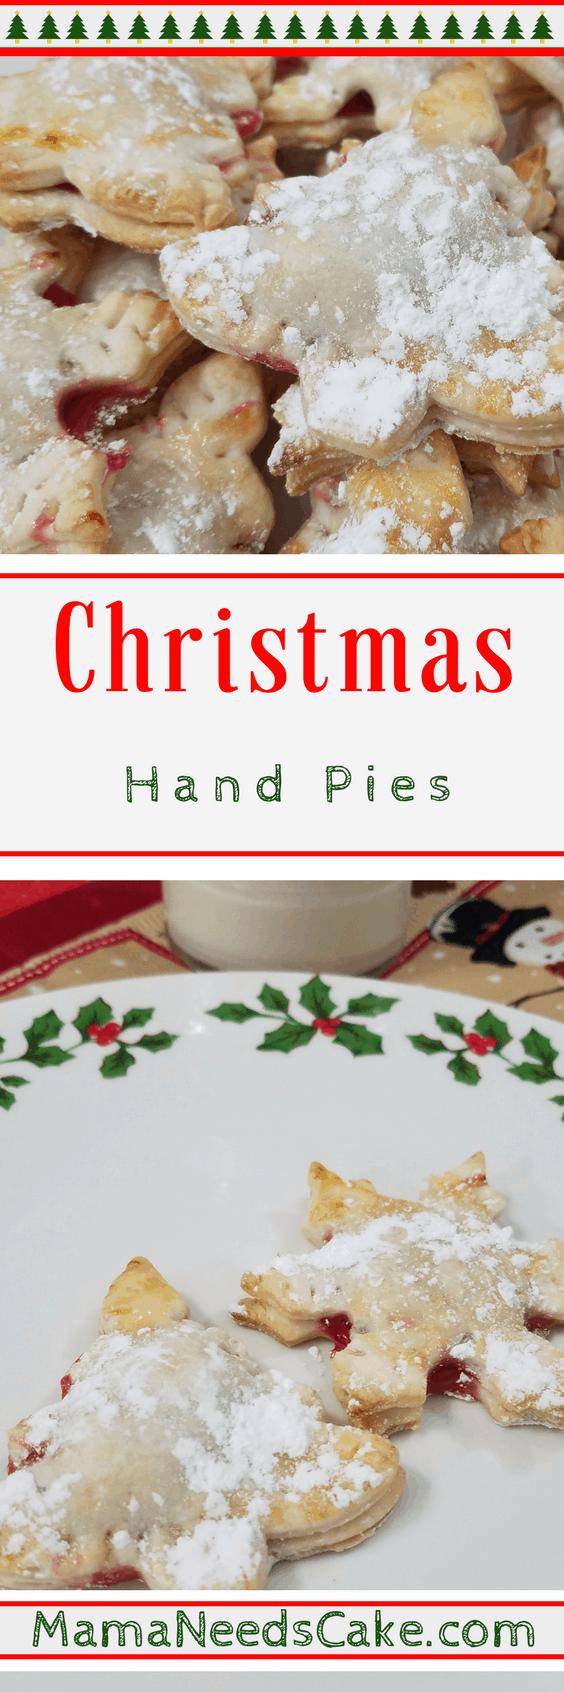 CHRISTmas Hand Pies 4 1